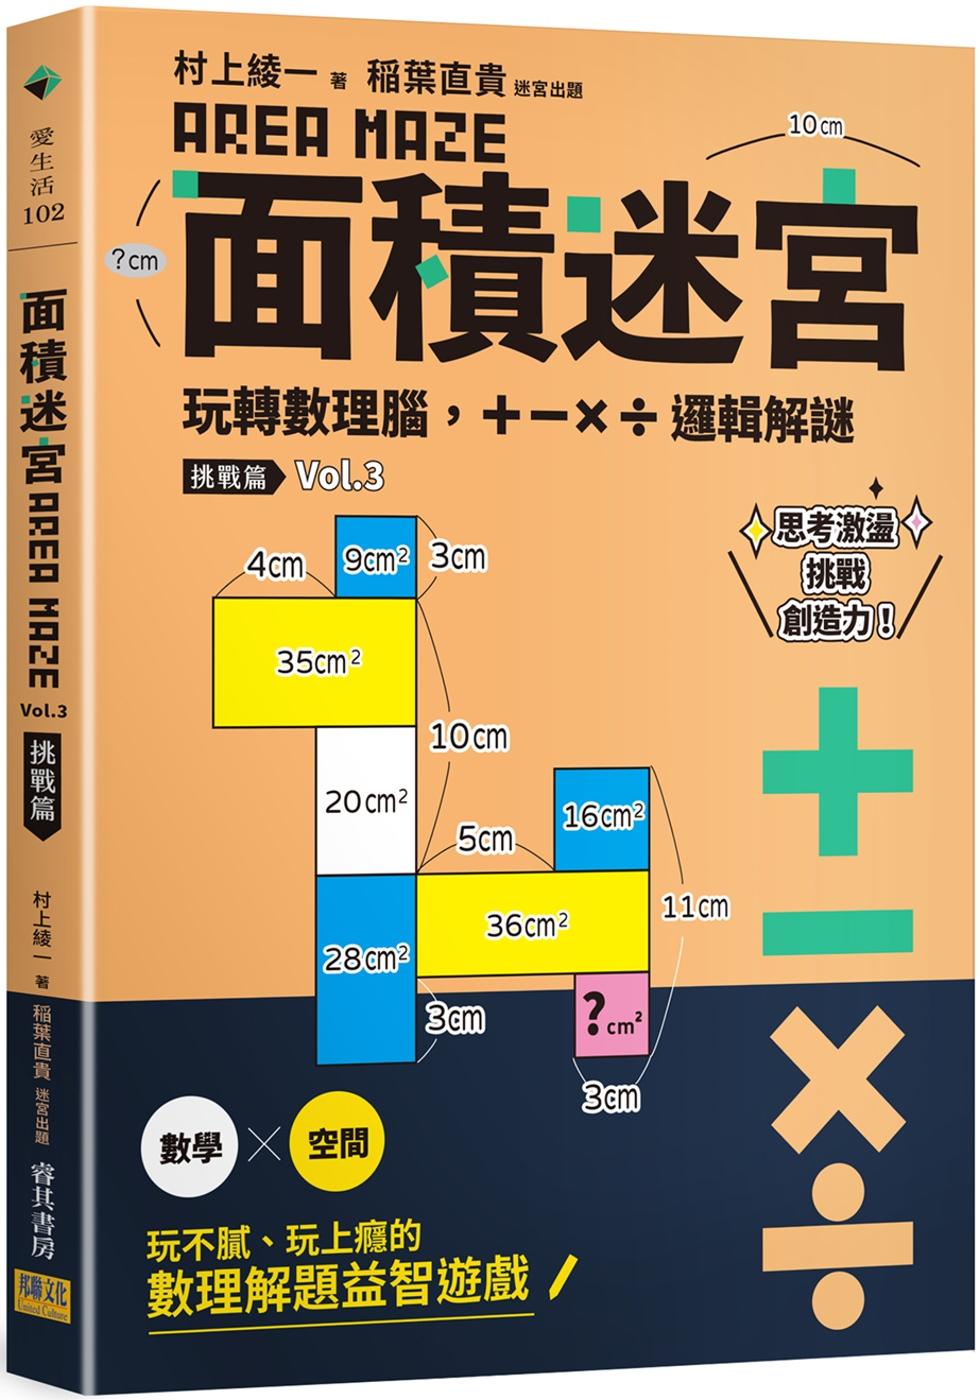 面積迷宮 Vol. 3 挑戰篇...